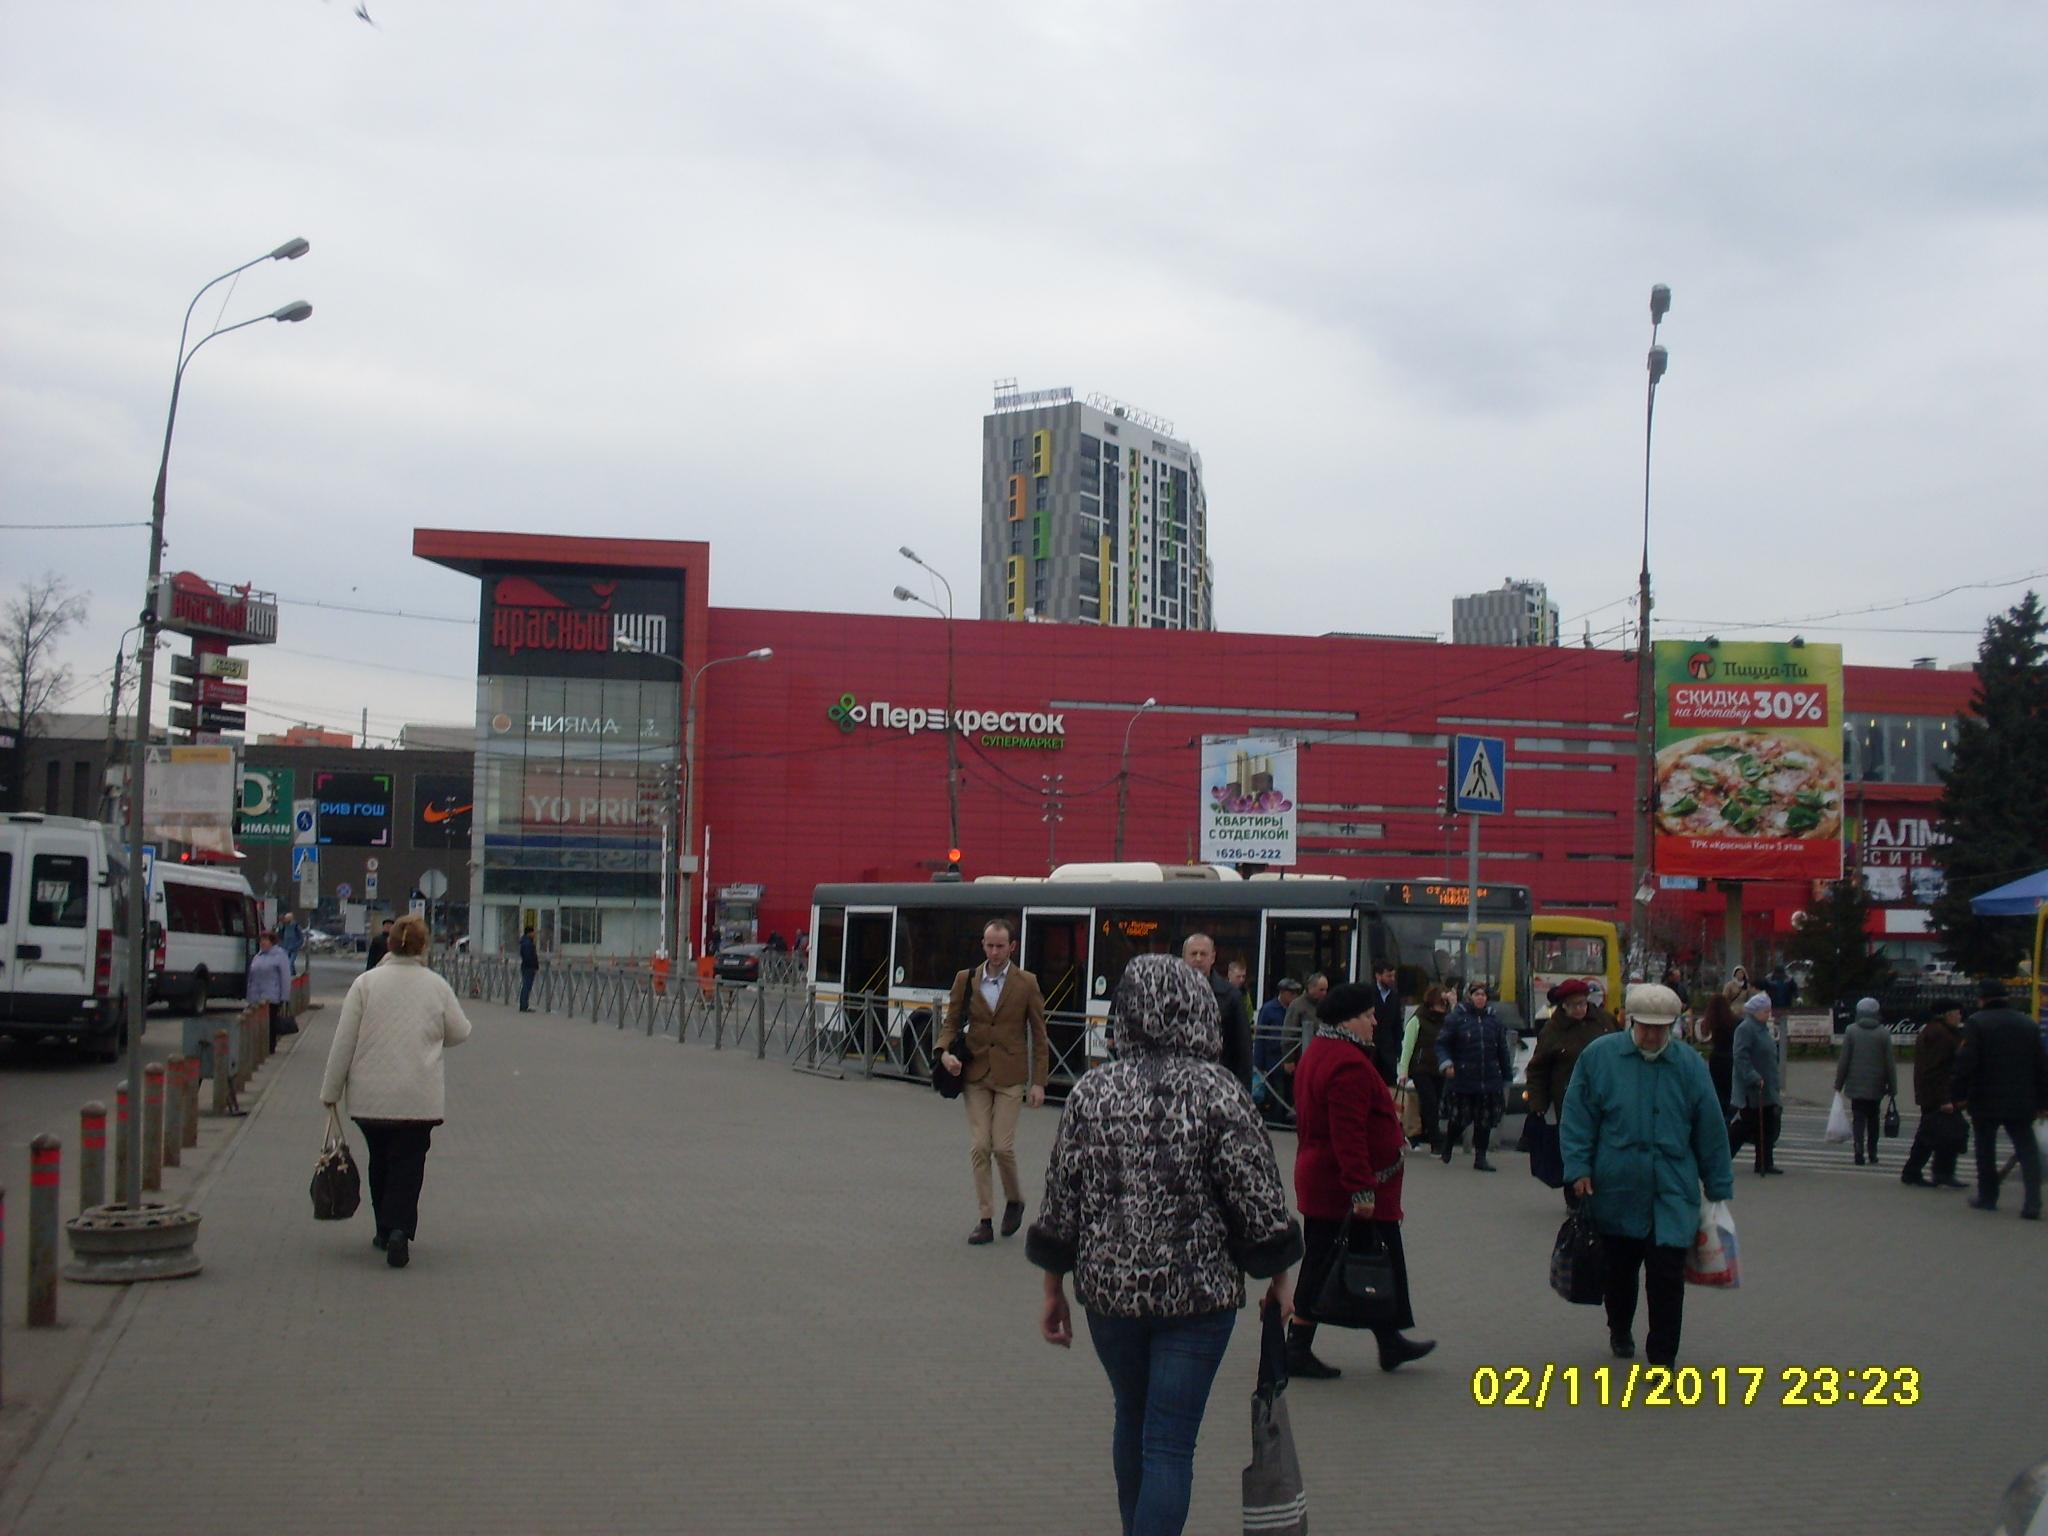 Город подмосковья - Мытищи! 50/50